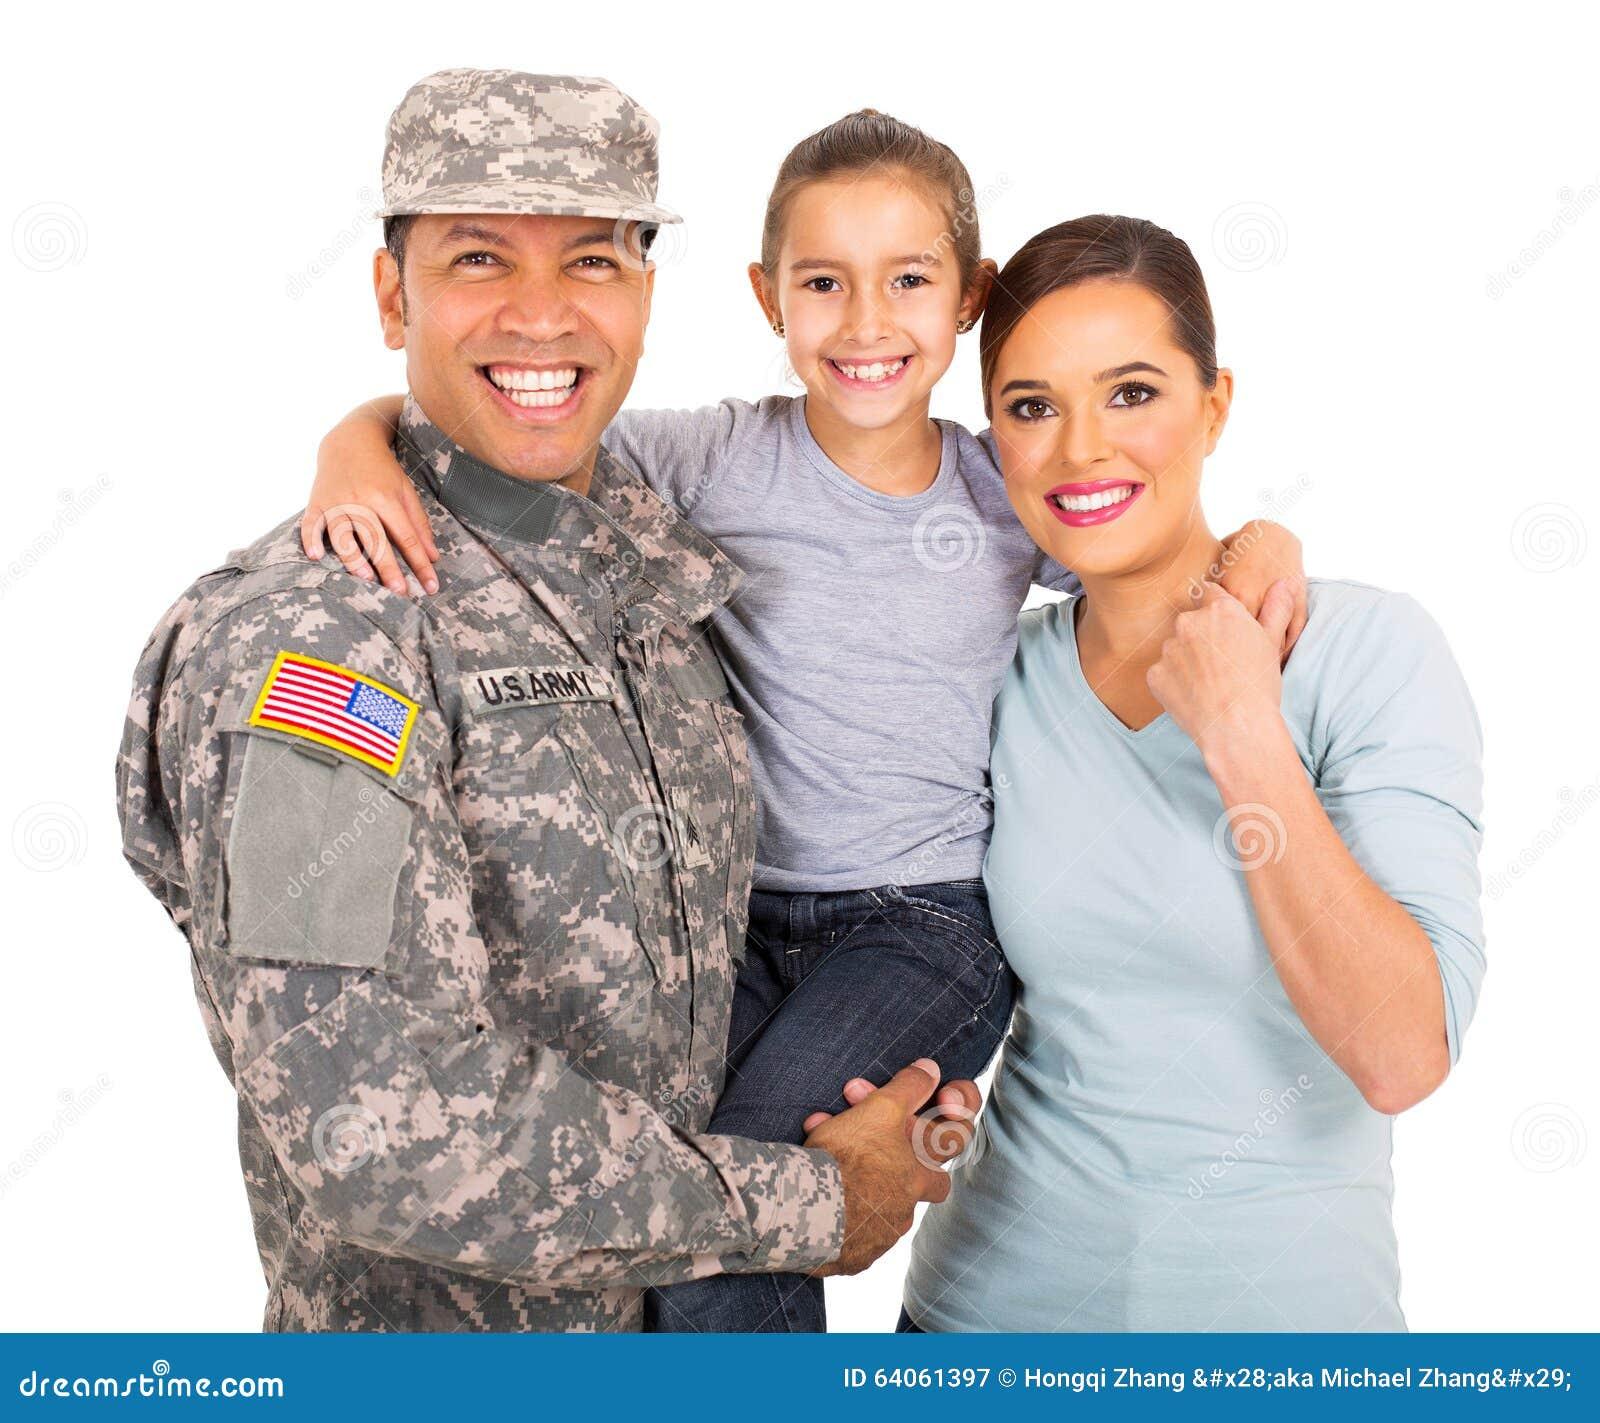 Free military photos